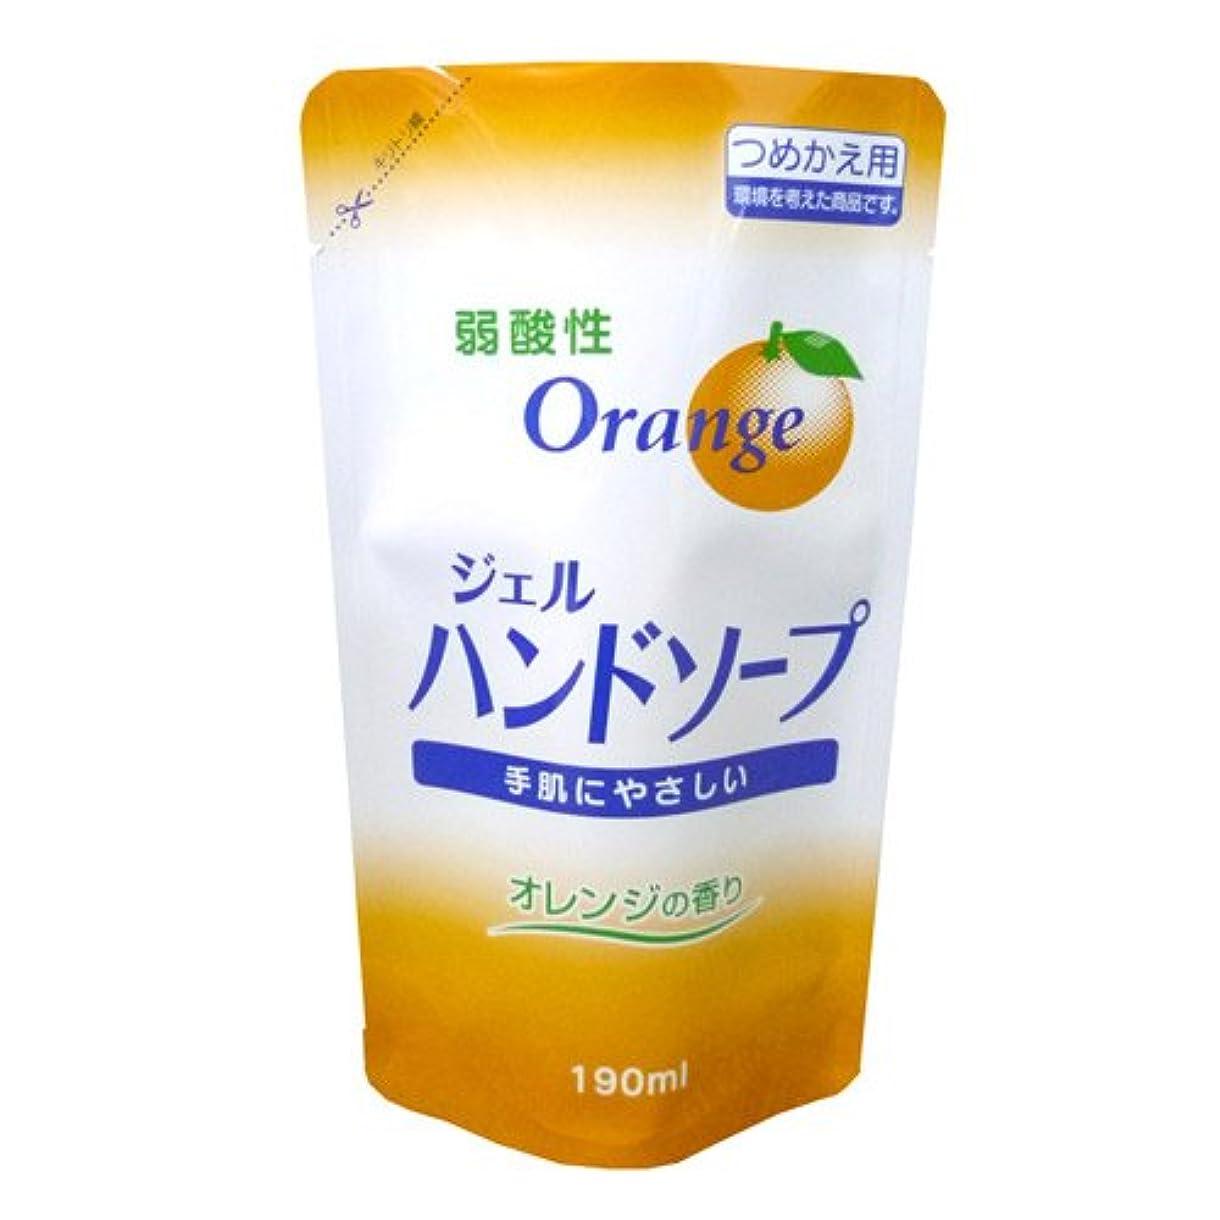 請求可能ペースかび臭い弱酸性ジェルハンドソープ 詰替用 190ml